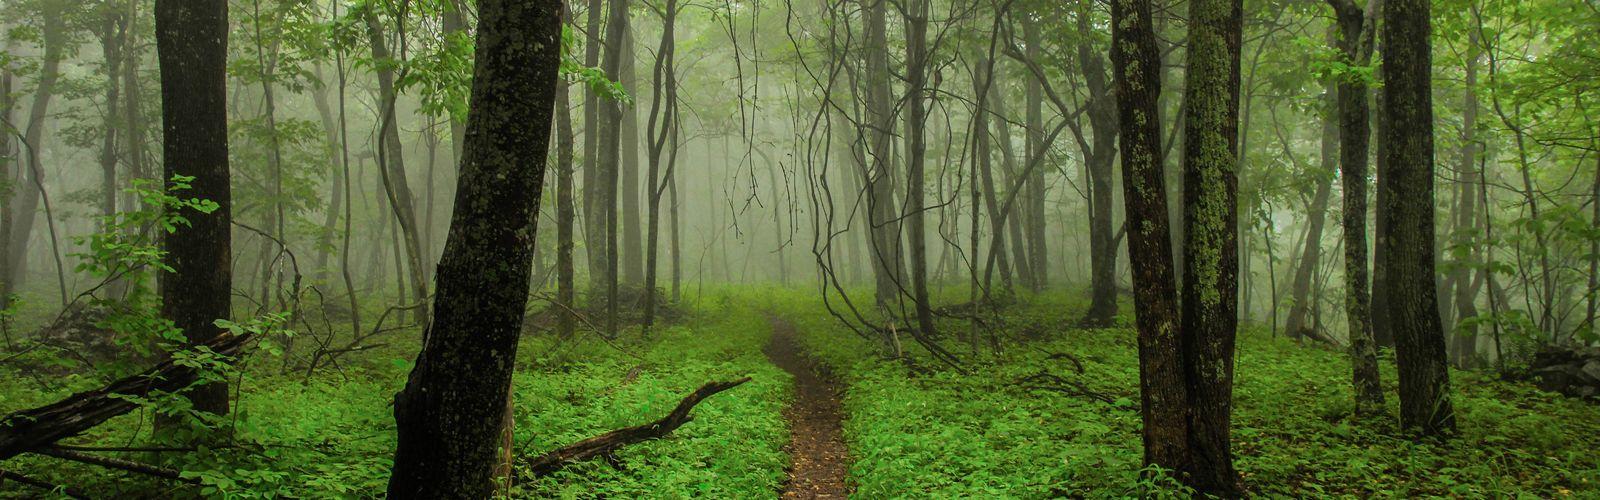 Sendero dentro de un bosque